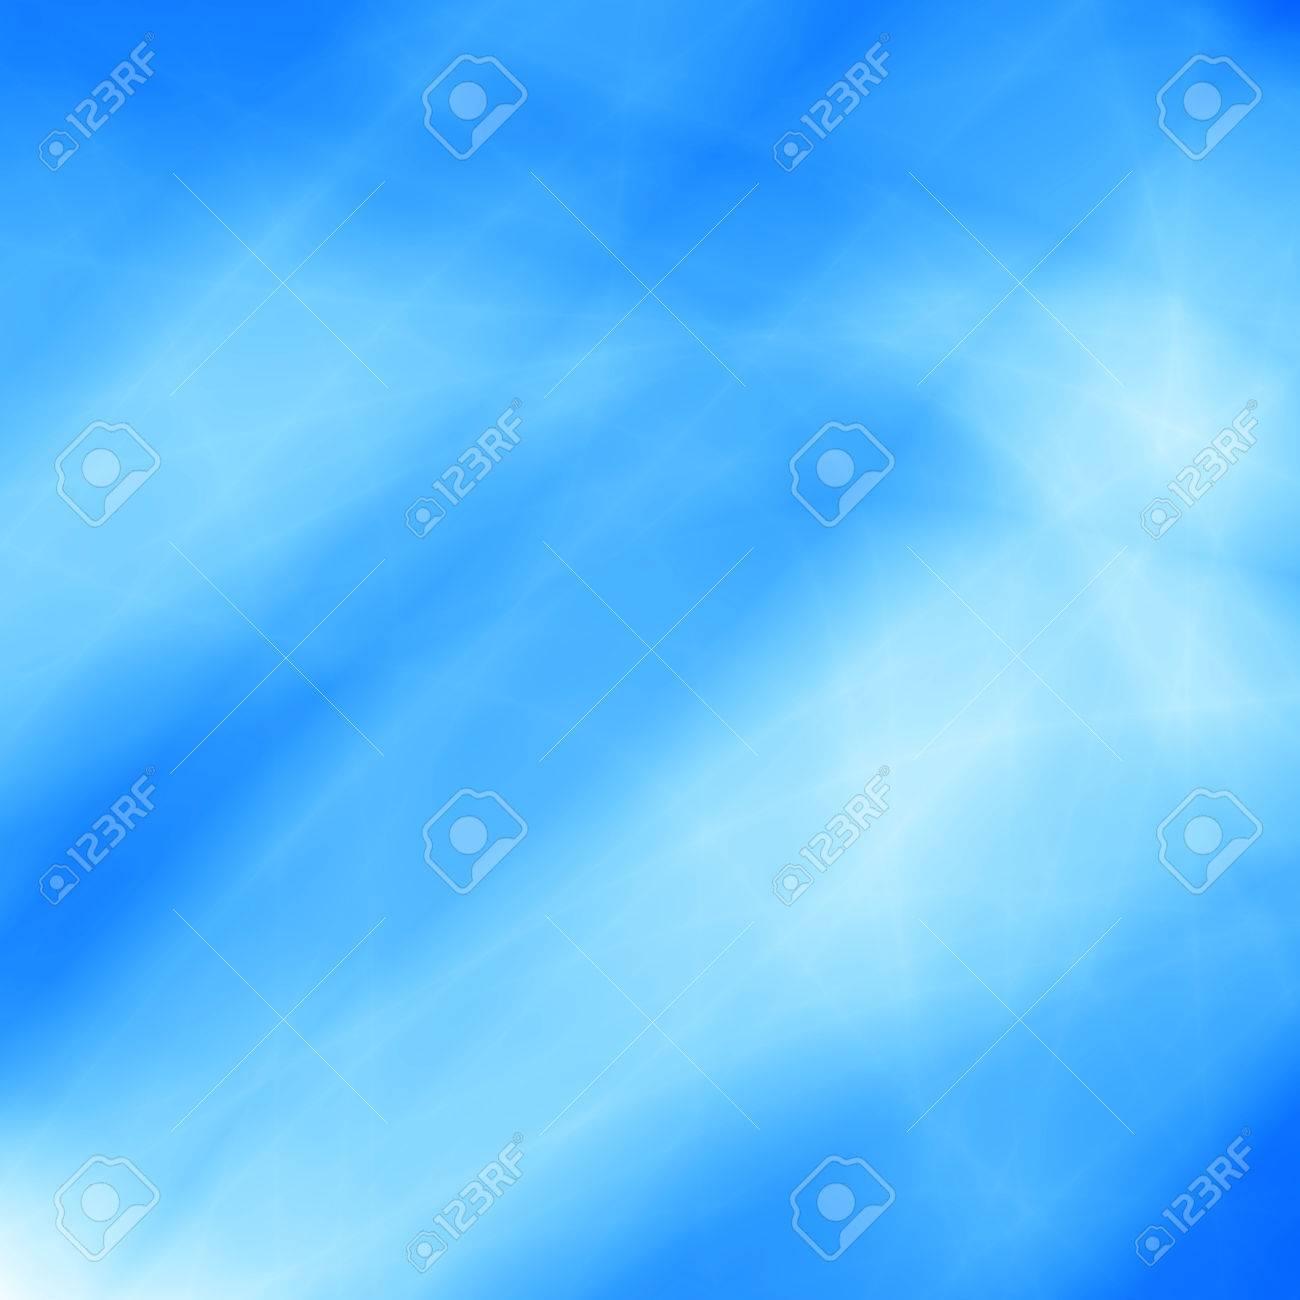 ciel clair fond d ecran bleu resume joli fond